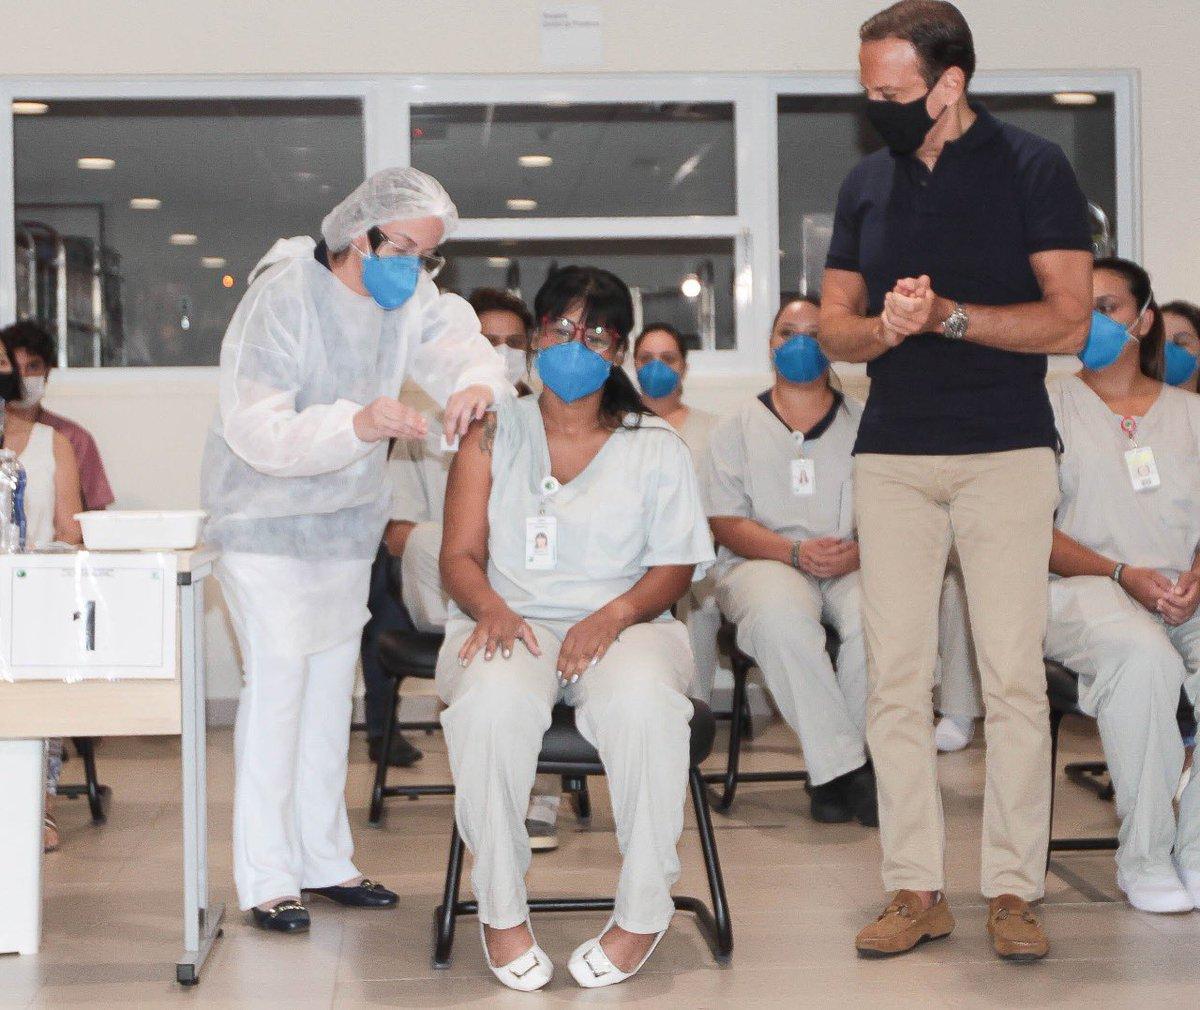 Estive em Sorocaba para a vacinação dos profissionais de saúde, no Hospital Regional Dr. Adib Jatene. A técnica de enfermagem Michelle Costa, de 41 anos, foi a primeira a ser imunizada. Na atualização do Vacinômetro, SP já vacinou 22.100 profissionais de saúde contra a Covid-19.